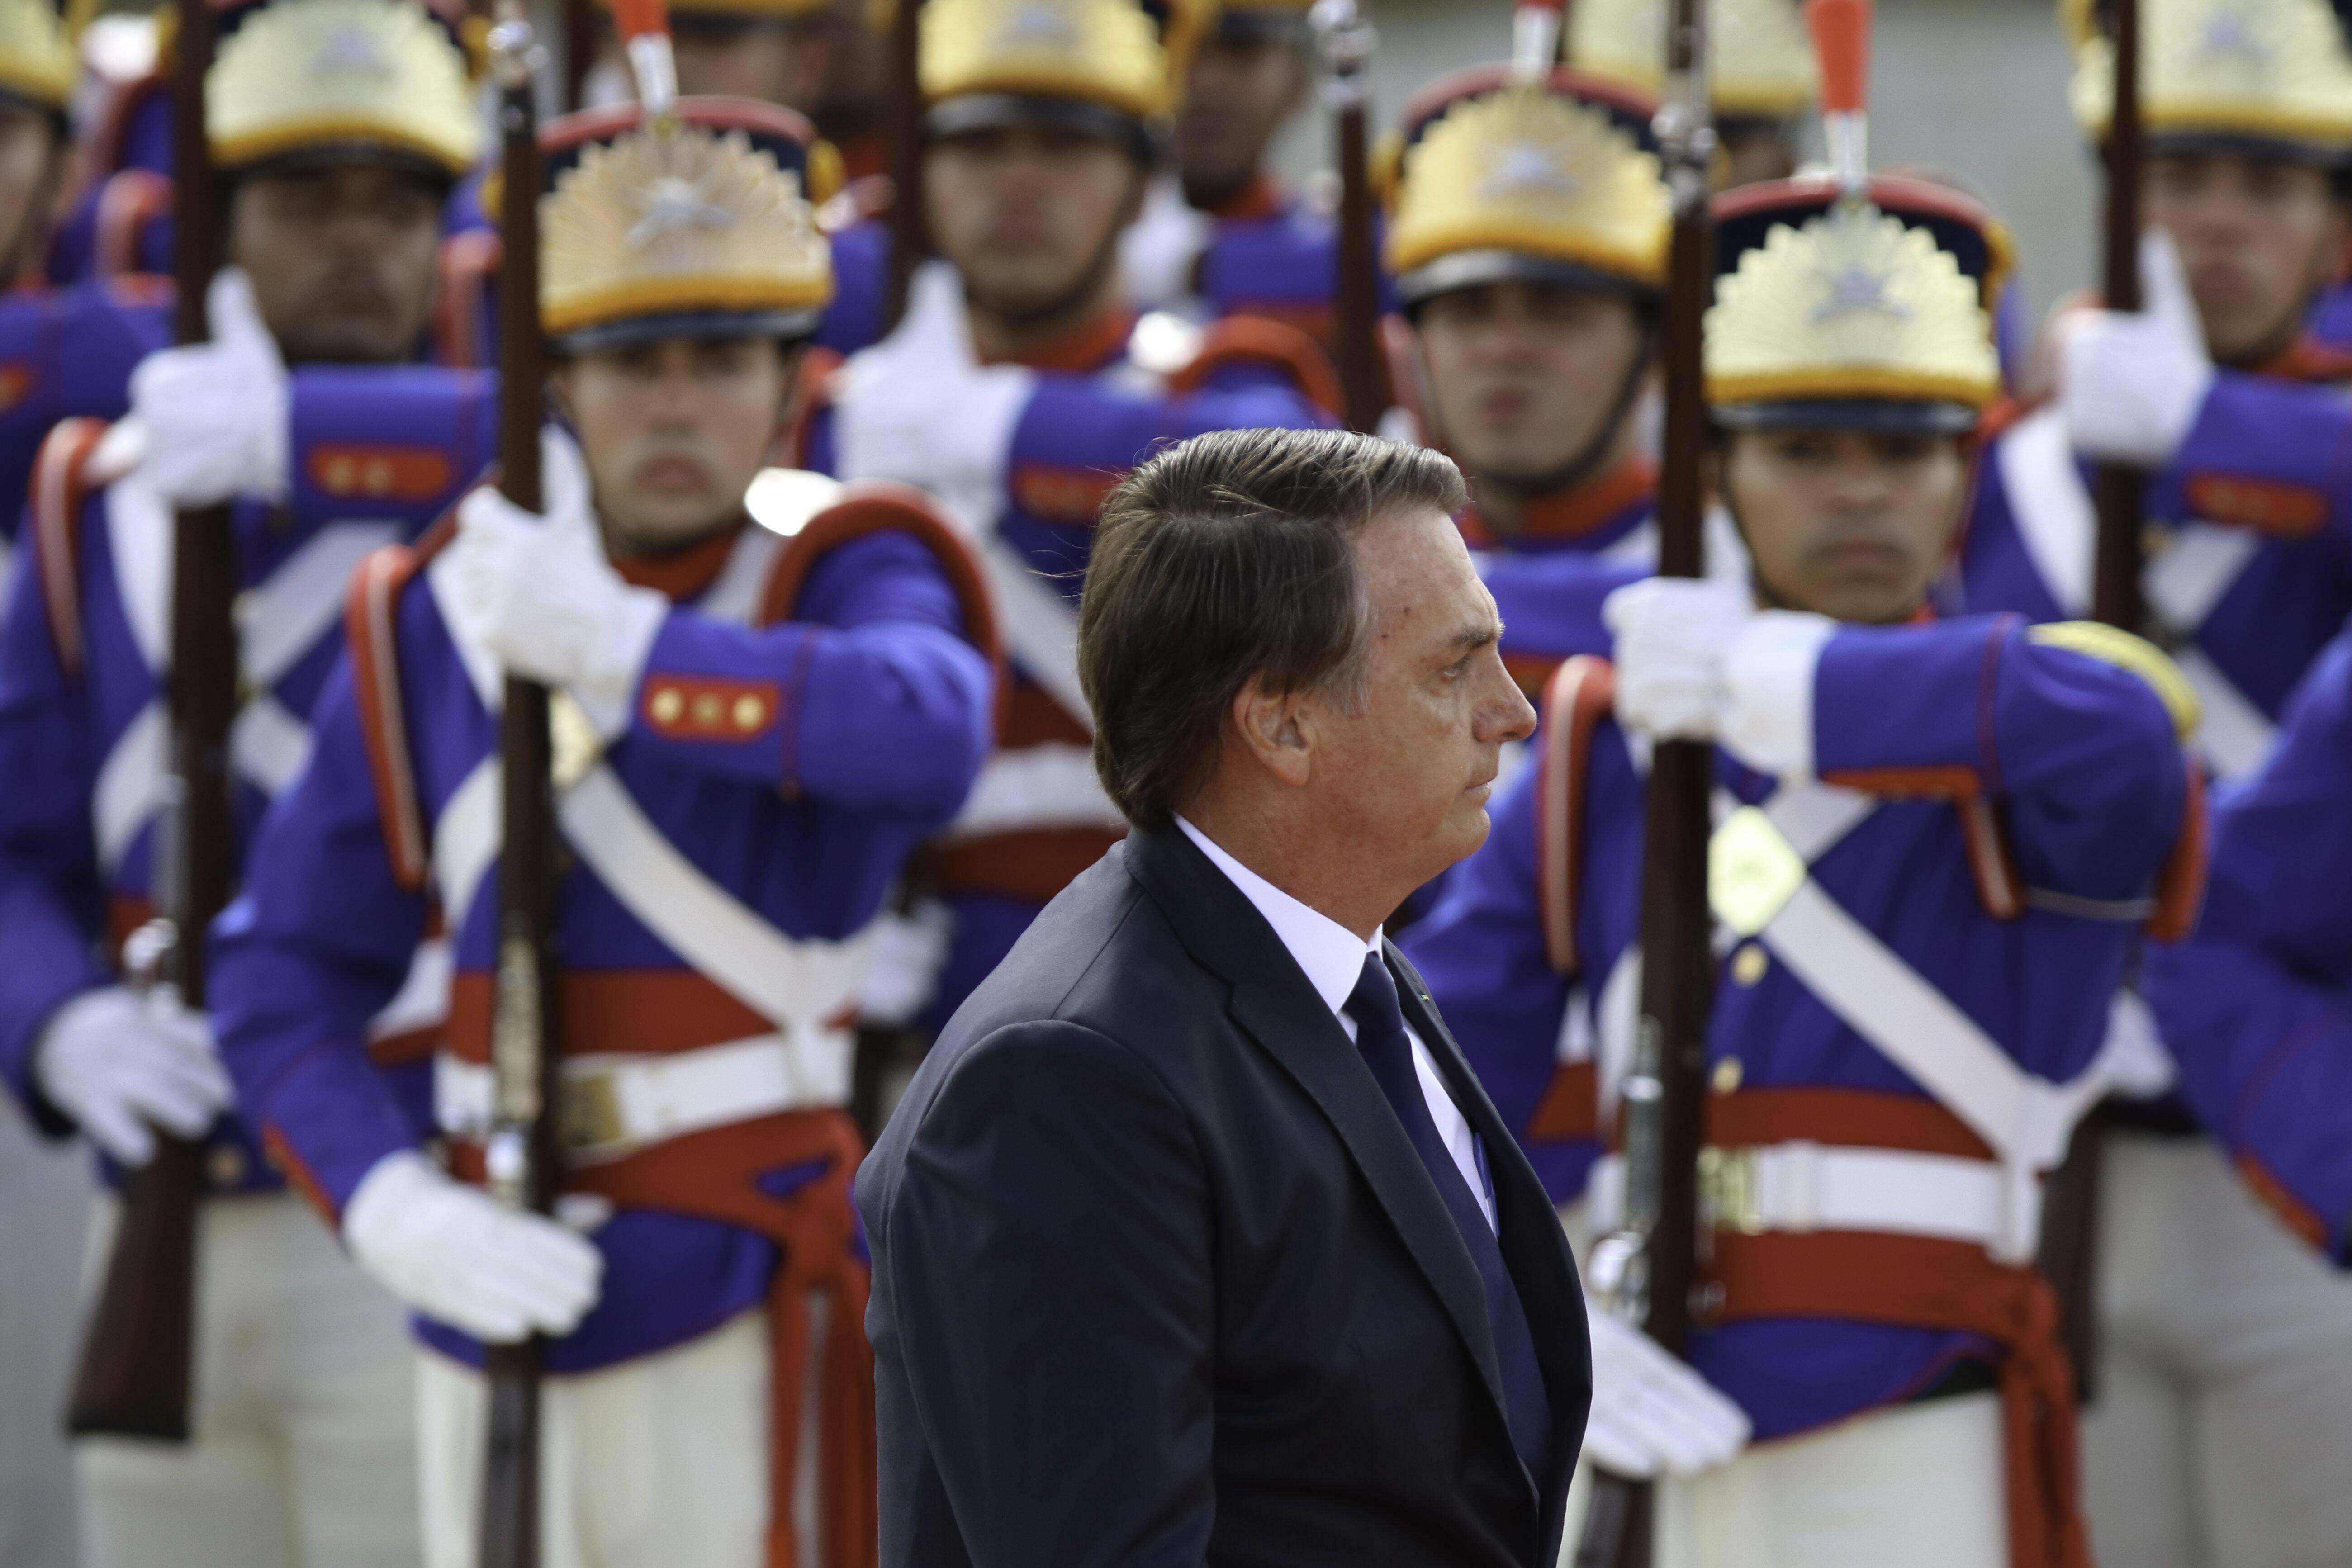 Bolsonaro durante revista das tropas militares, um dos ritos da cerimônia de posse. Foto: Fabio Rodrigues Pozzebom/Agência Brasil - 1.1.19